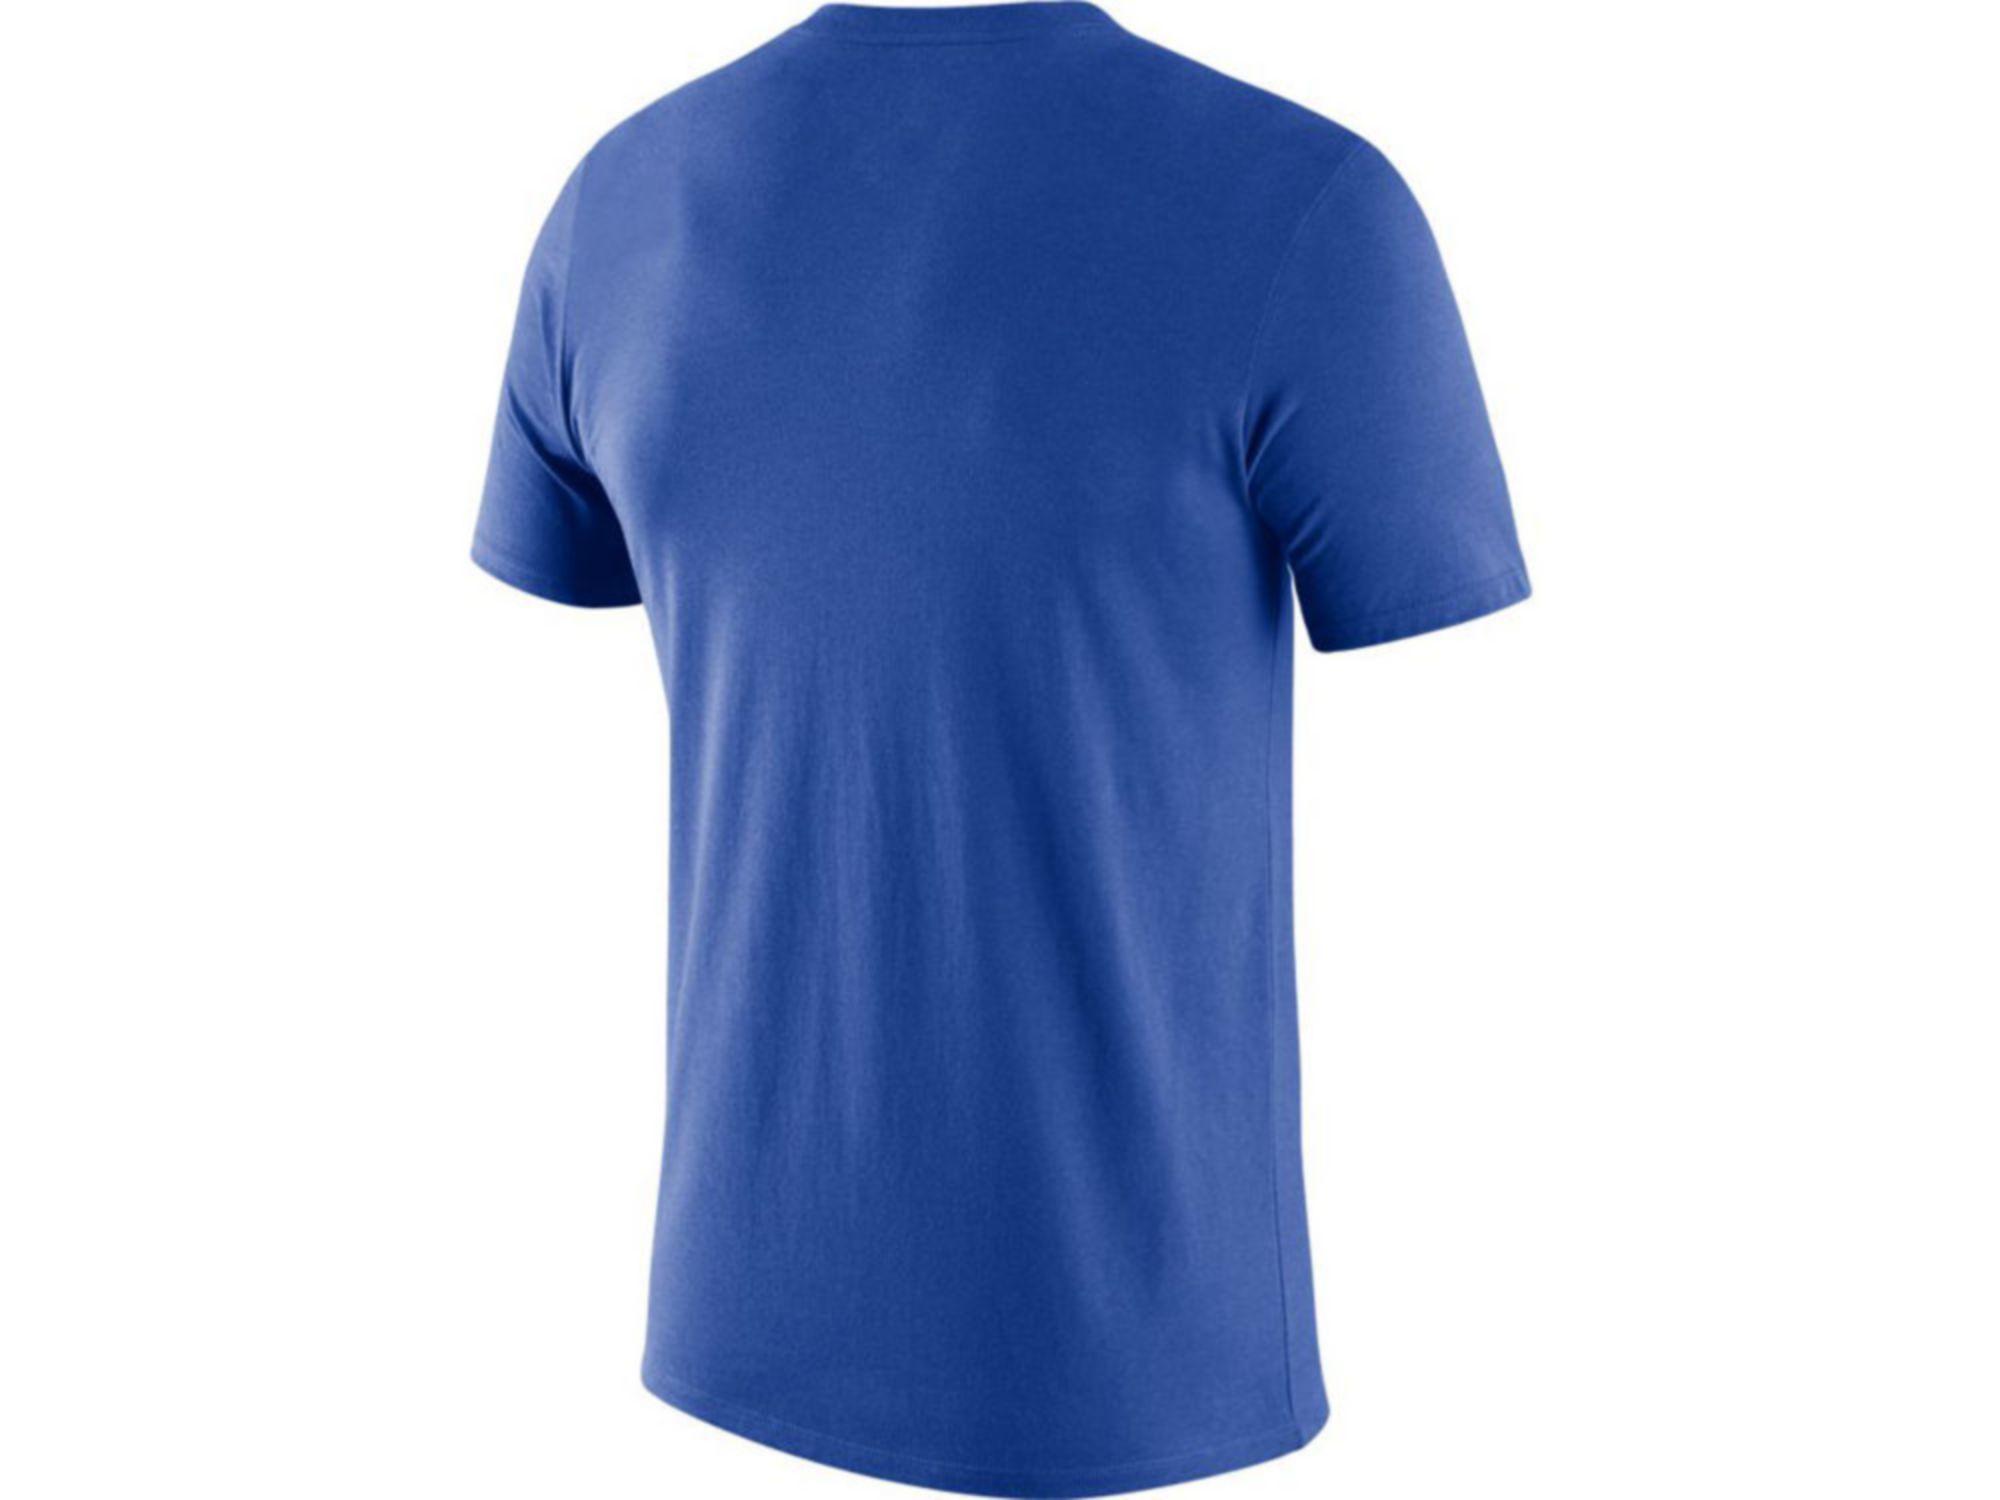 Nike Kentucky Wildcats Men's Essential Futura T-Shirt & Reviews - NCAA - Sports Fan Shop - Macy's